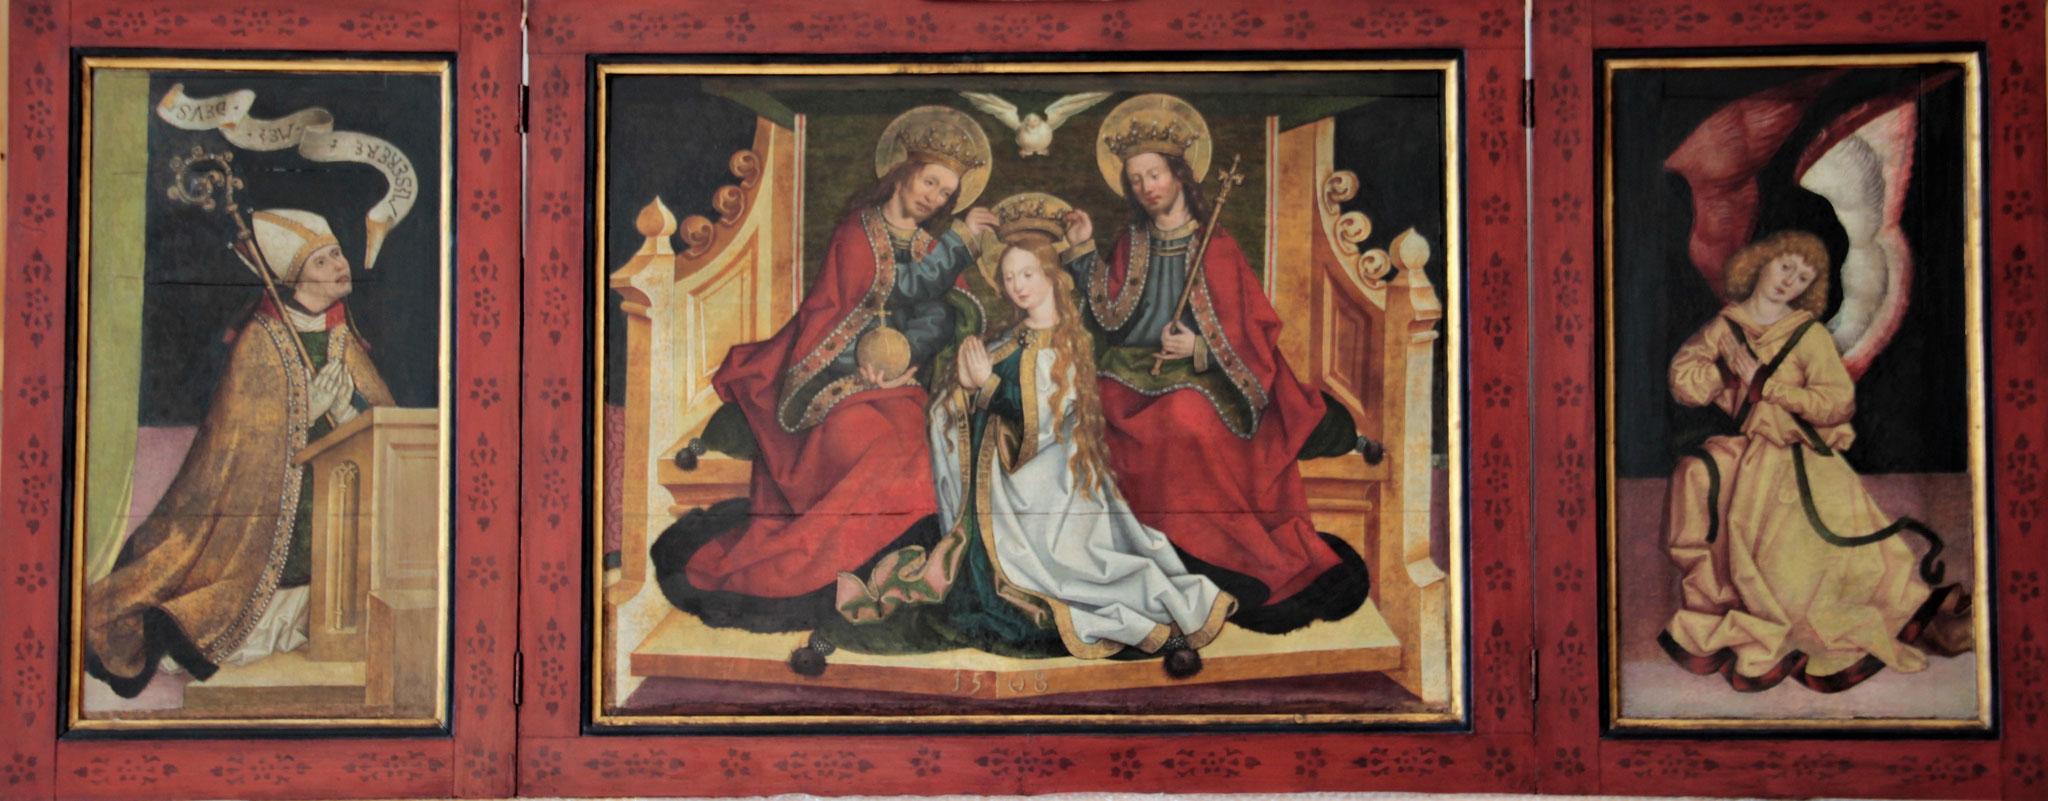 Privatauftrag Triptychon Umkreis Jan Pollack 1508 Konservierung/ Retusche der Gemälde